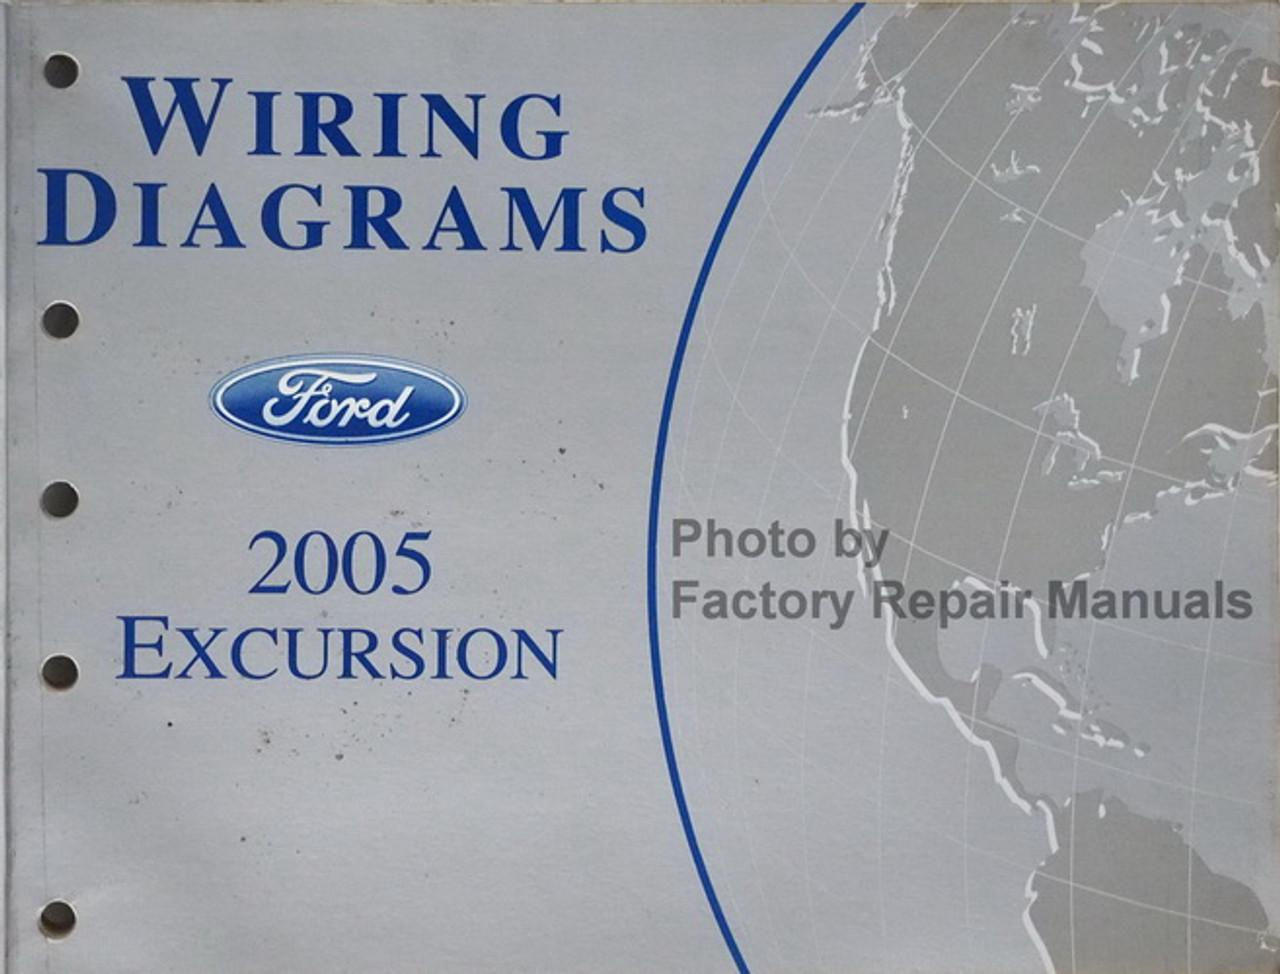 2005 Ford Excursion Electrical Wiring Diagrams Original Manual - Factory  Repair ManualsFactory Repair Manuals